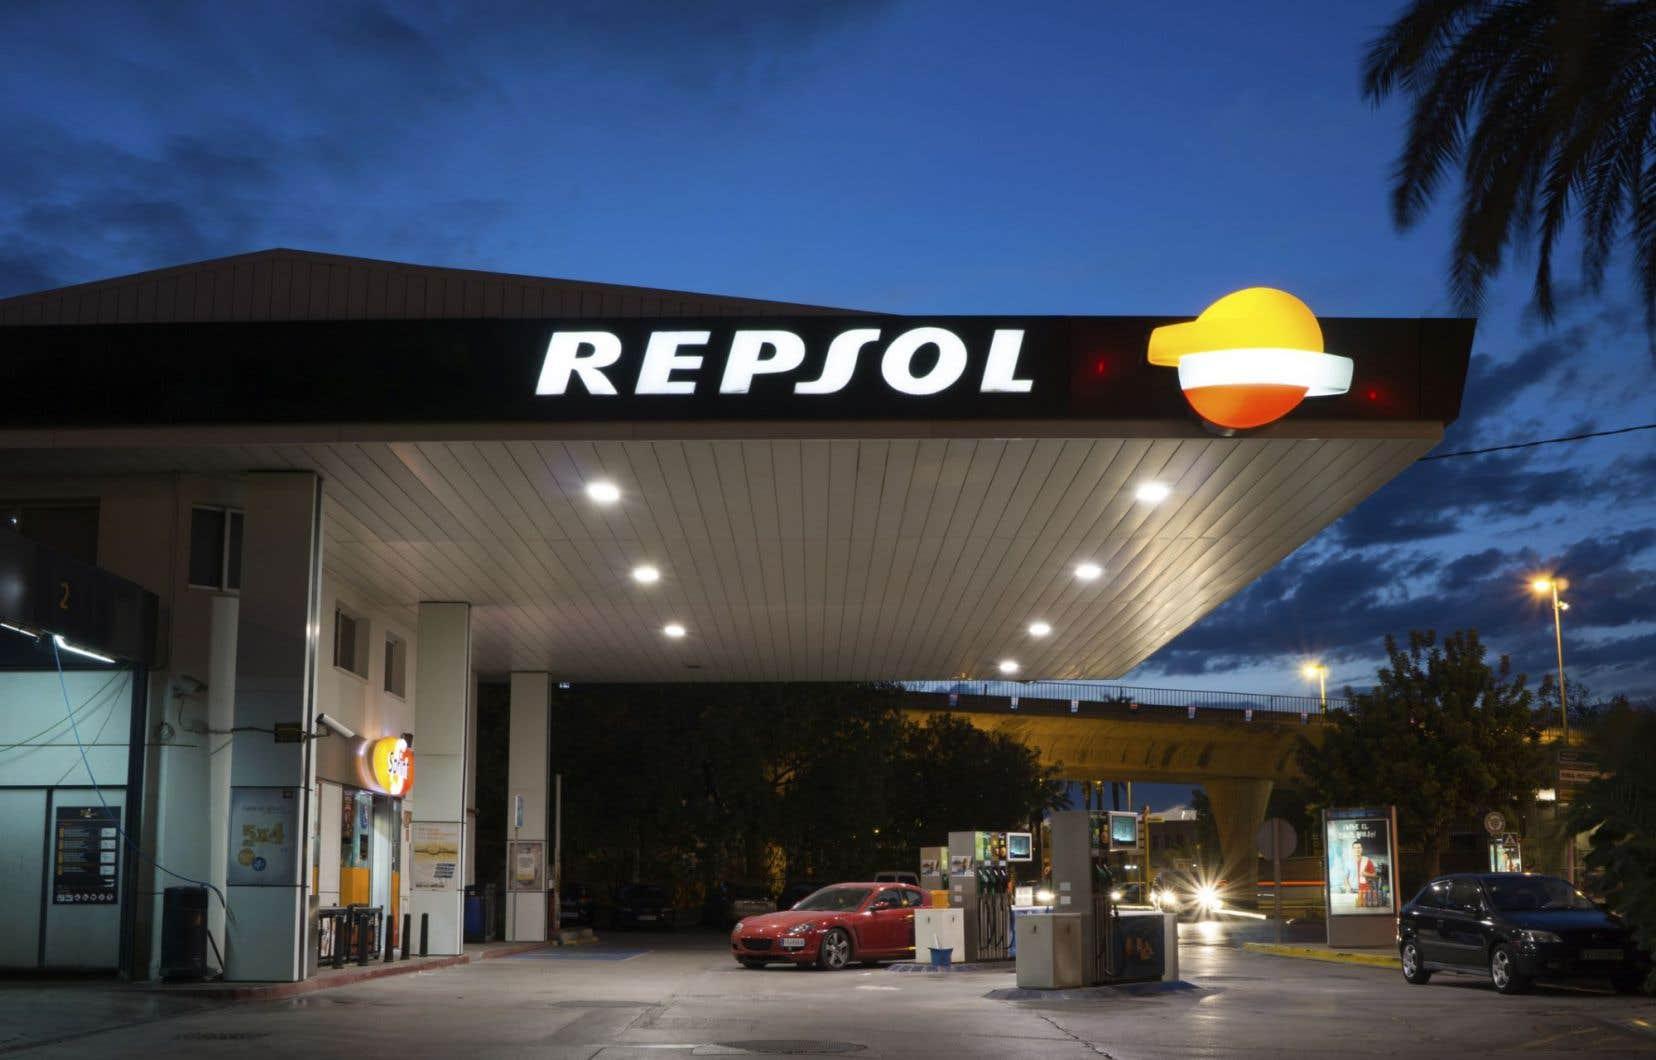 Talisman confirme tenir des discussions avec Repsol au sujet d'une « transaction d'affaires potentielle ».